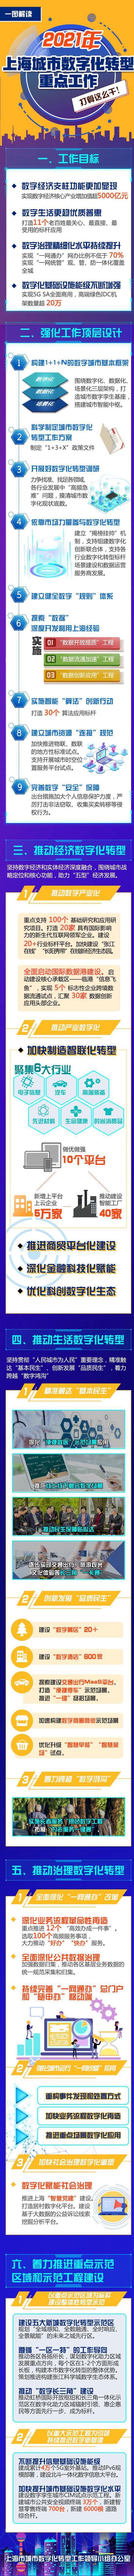 图片来自 上海市经信委